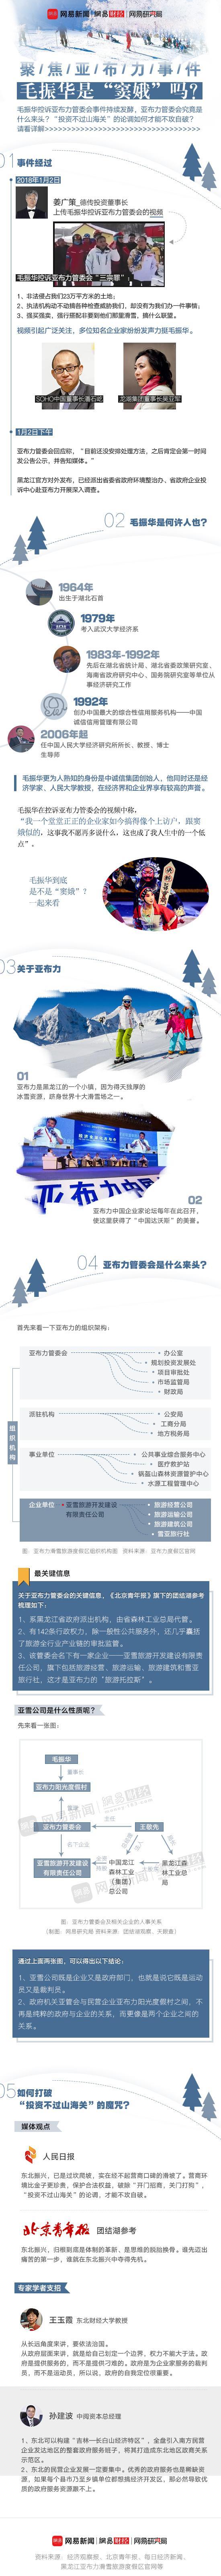 """聚焦亚布力事件:毛振华是""""窦娥""""吗?"""